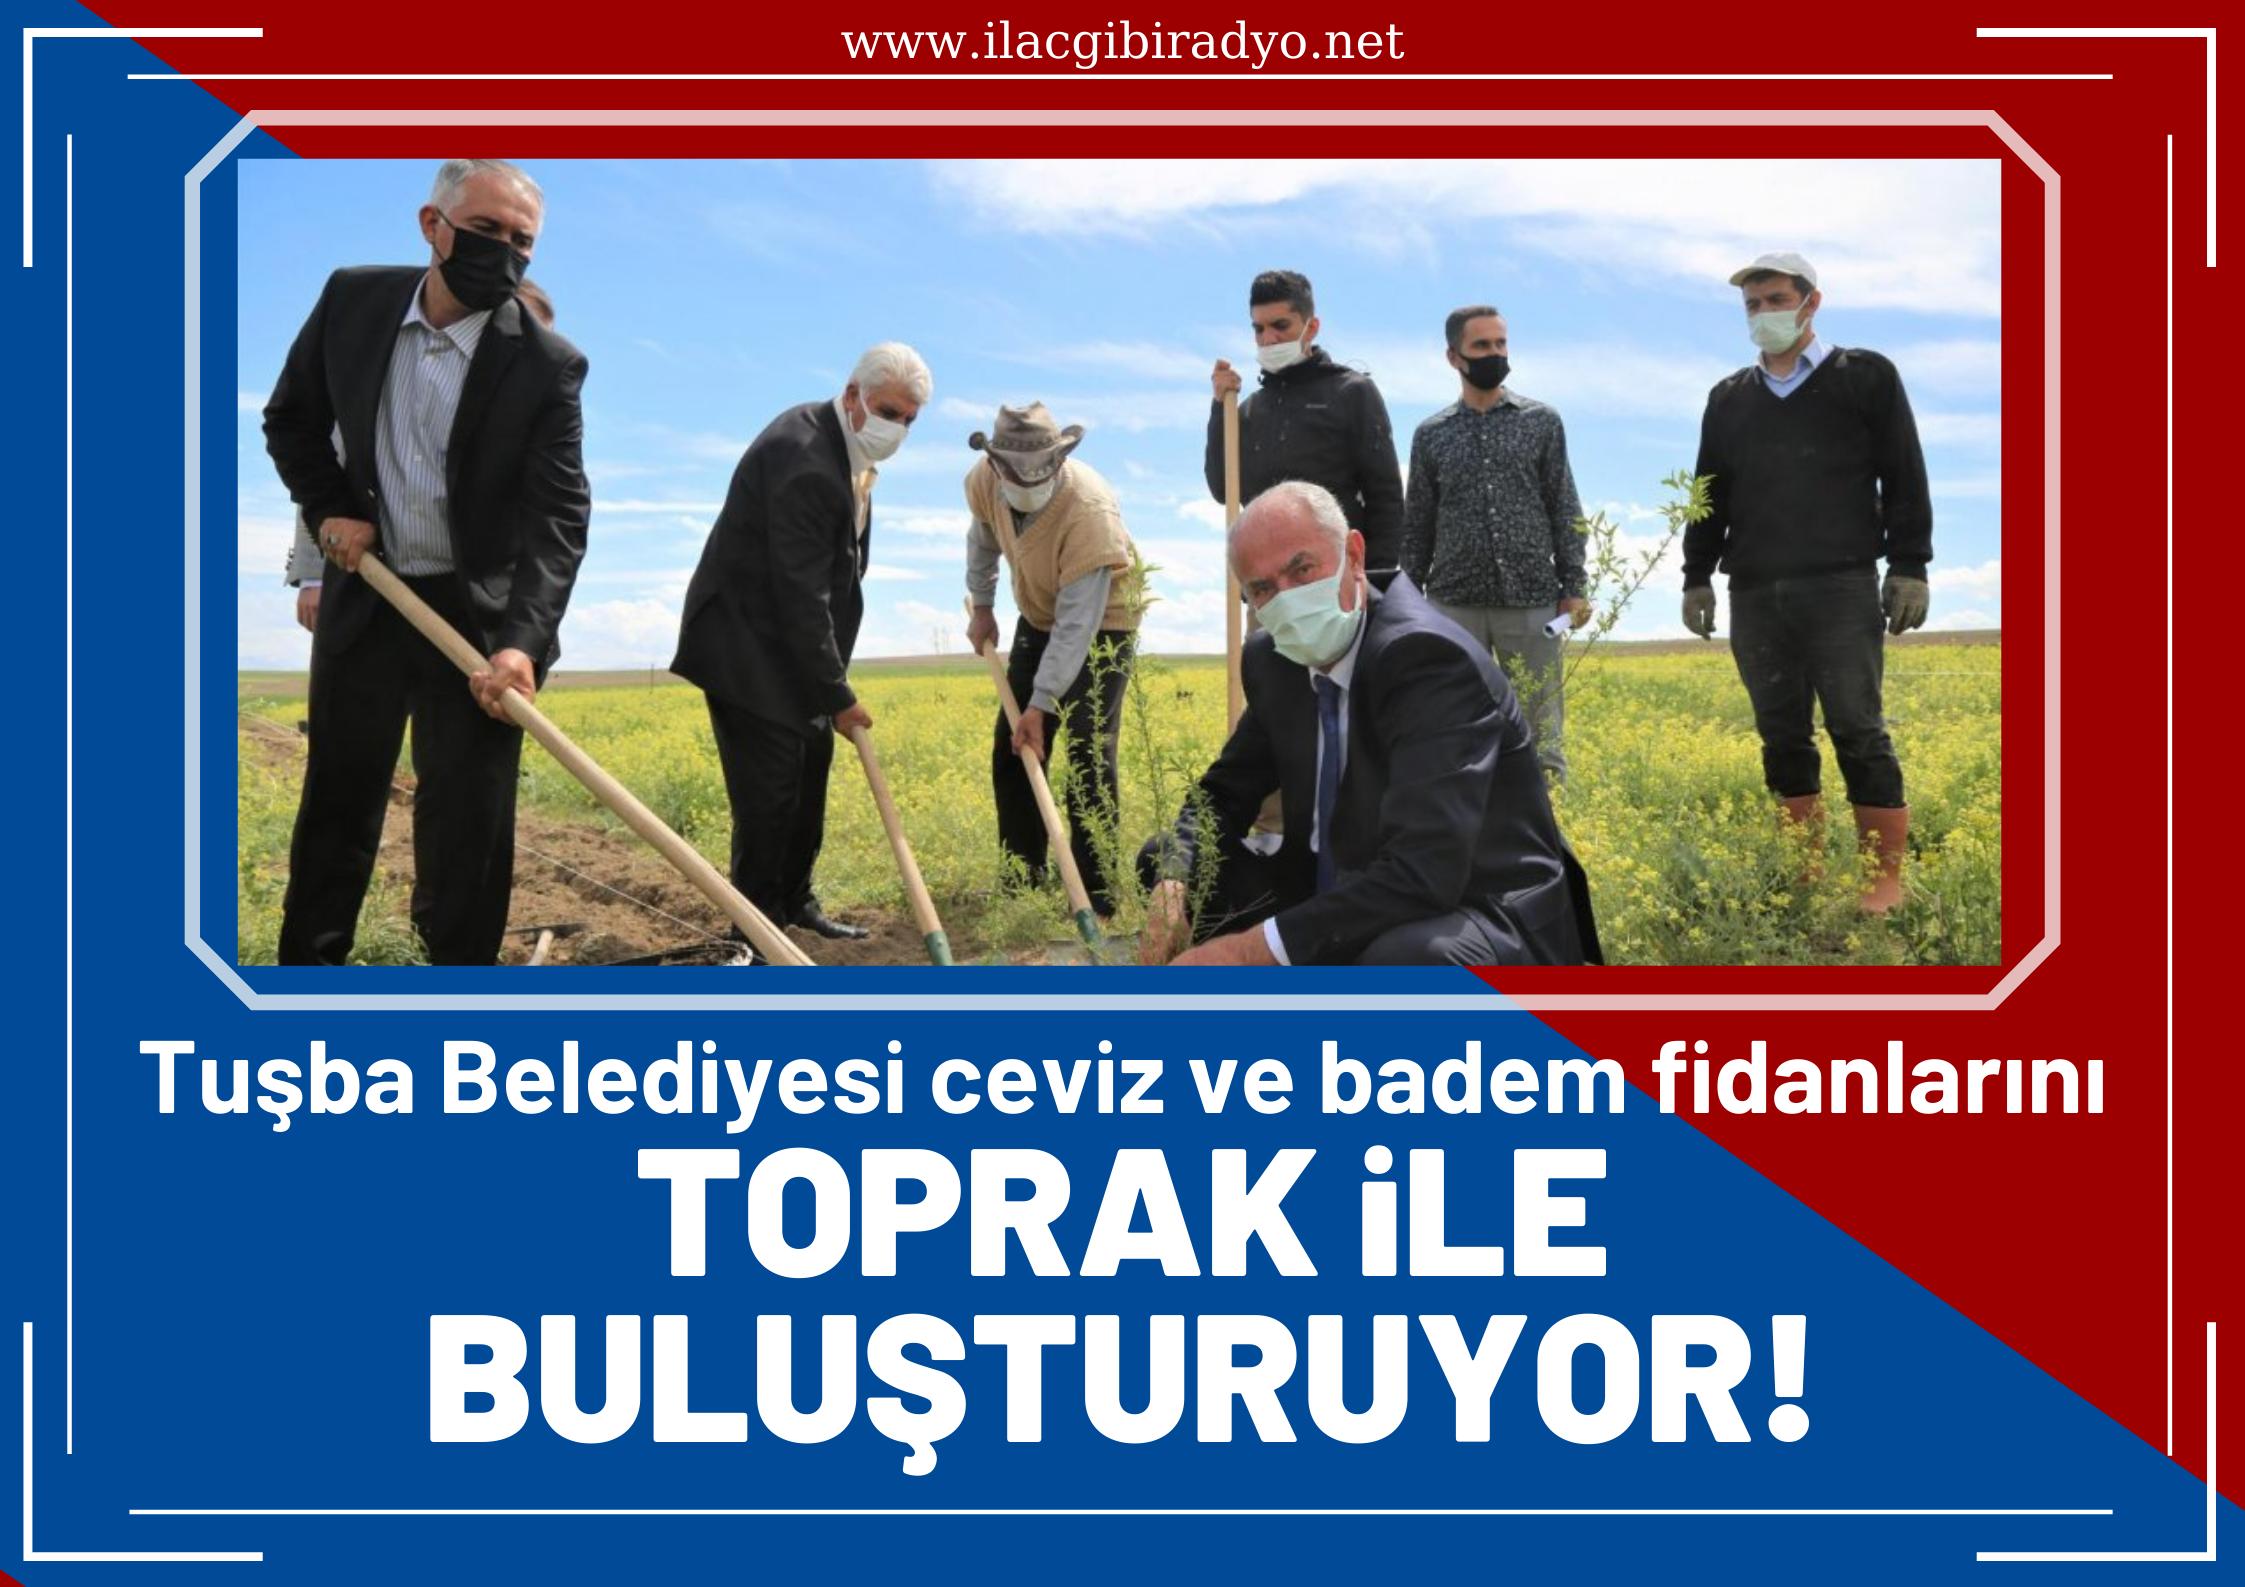 Tuşba Belediyesi ceviz ve badem fidanlarını toprak ile buluşturuluyor!